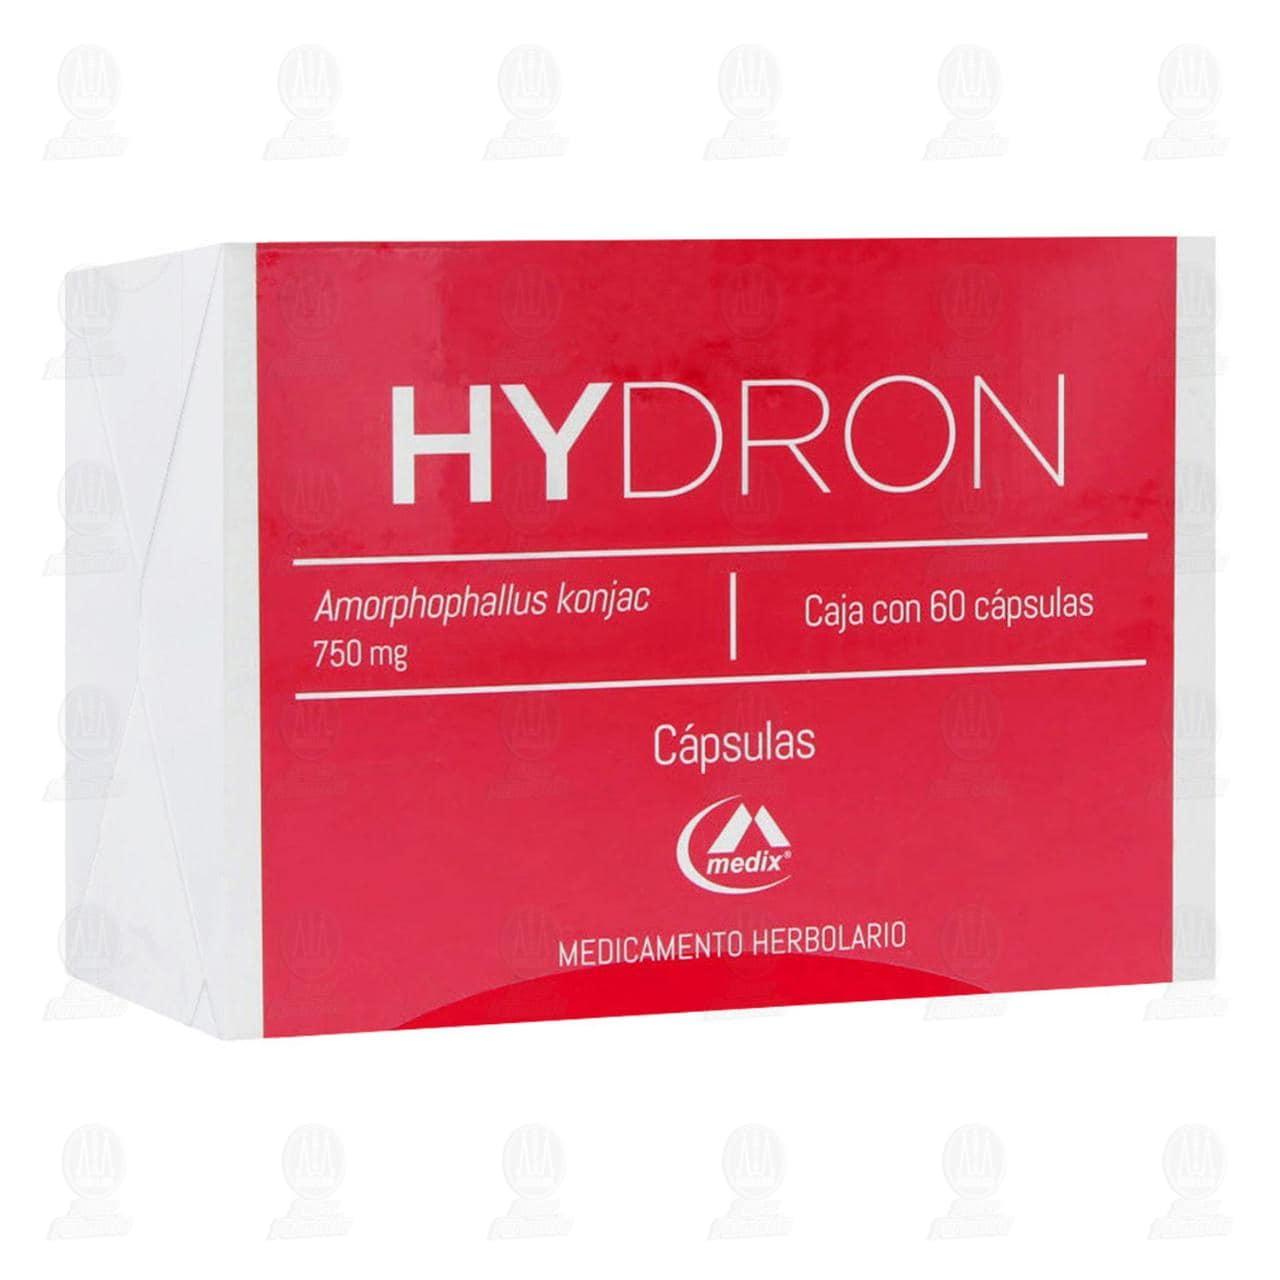 Comprar Hydron 750mg 60 Cápsulas en Farmacias Guadalajara